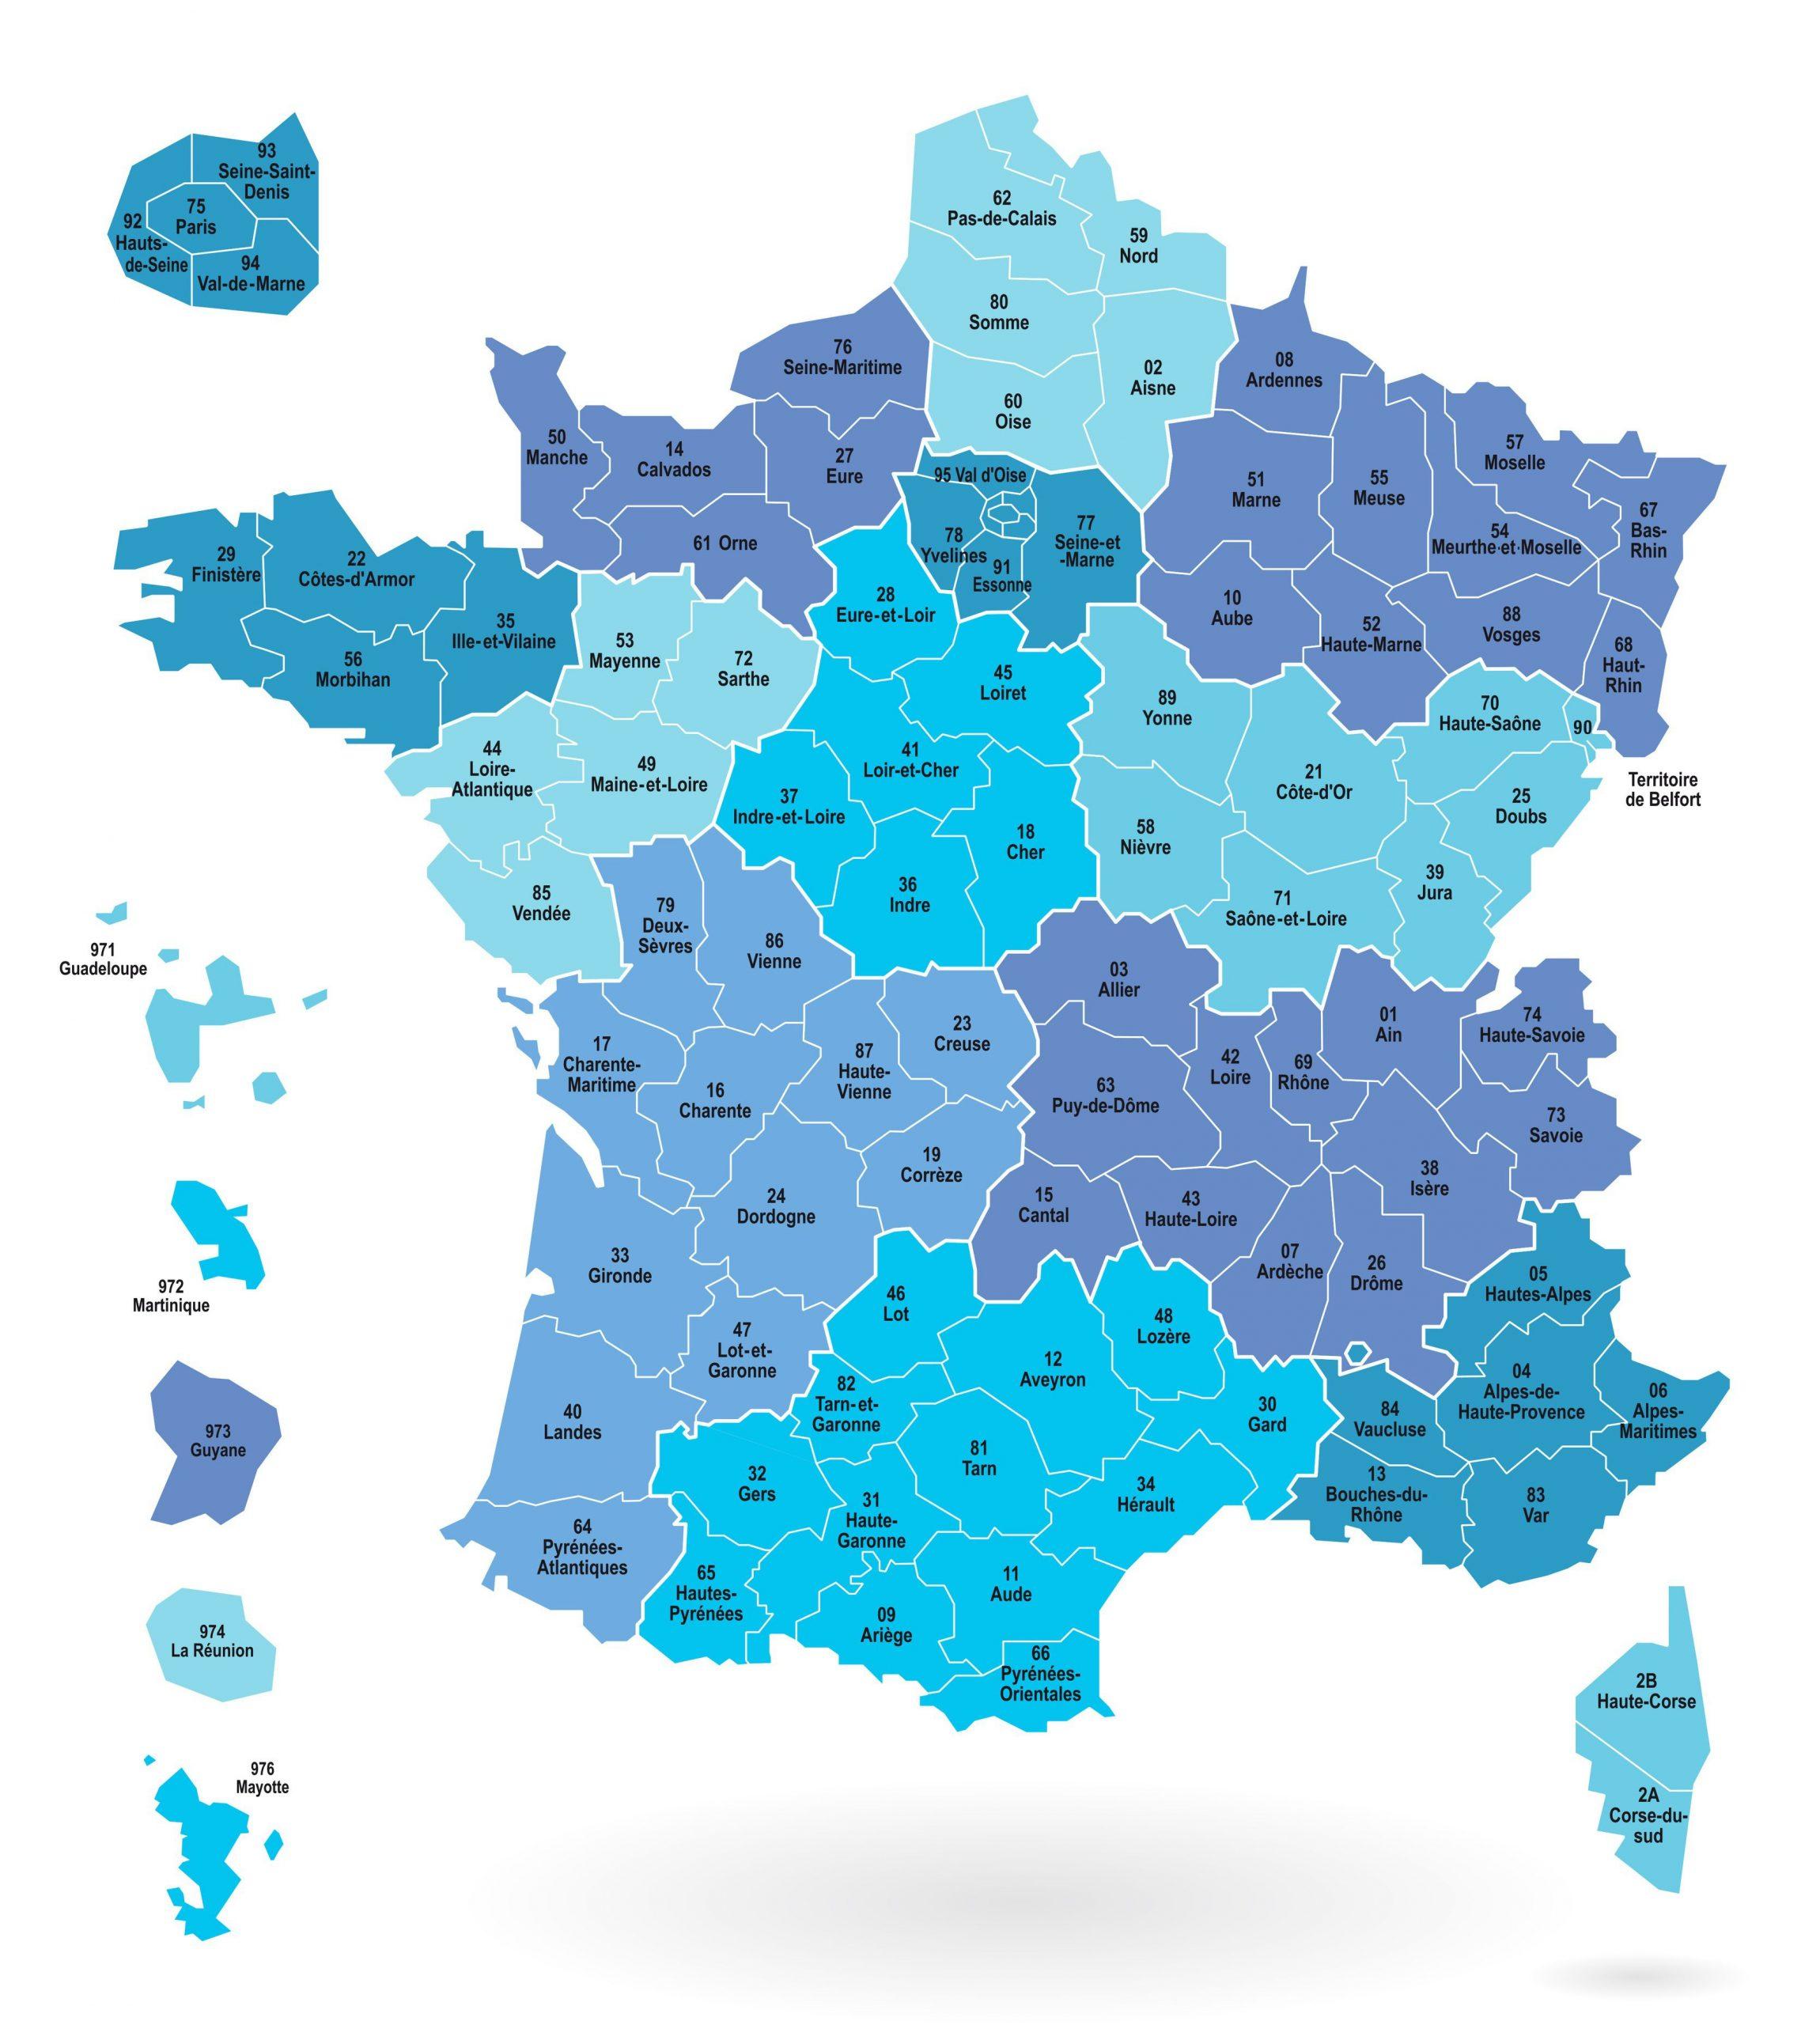 Cartes Des Départements Et Régions De La France - Cartes De concernant Département De La France Carte